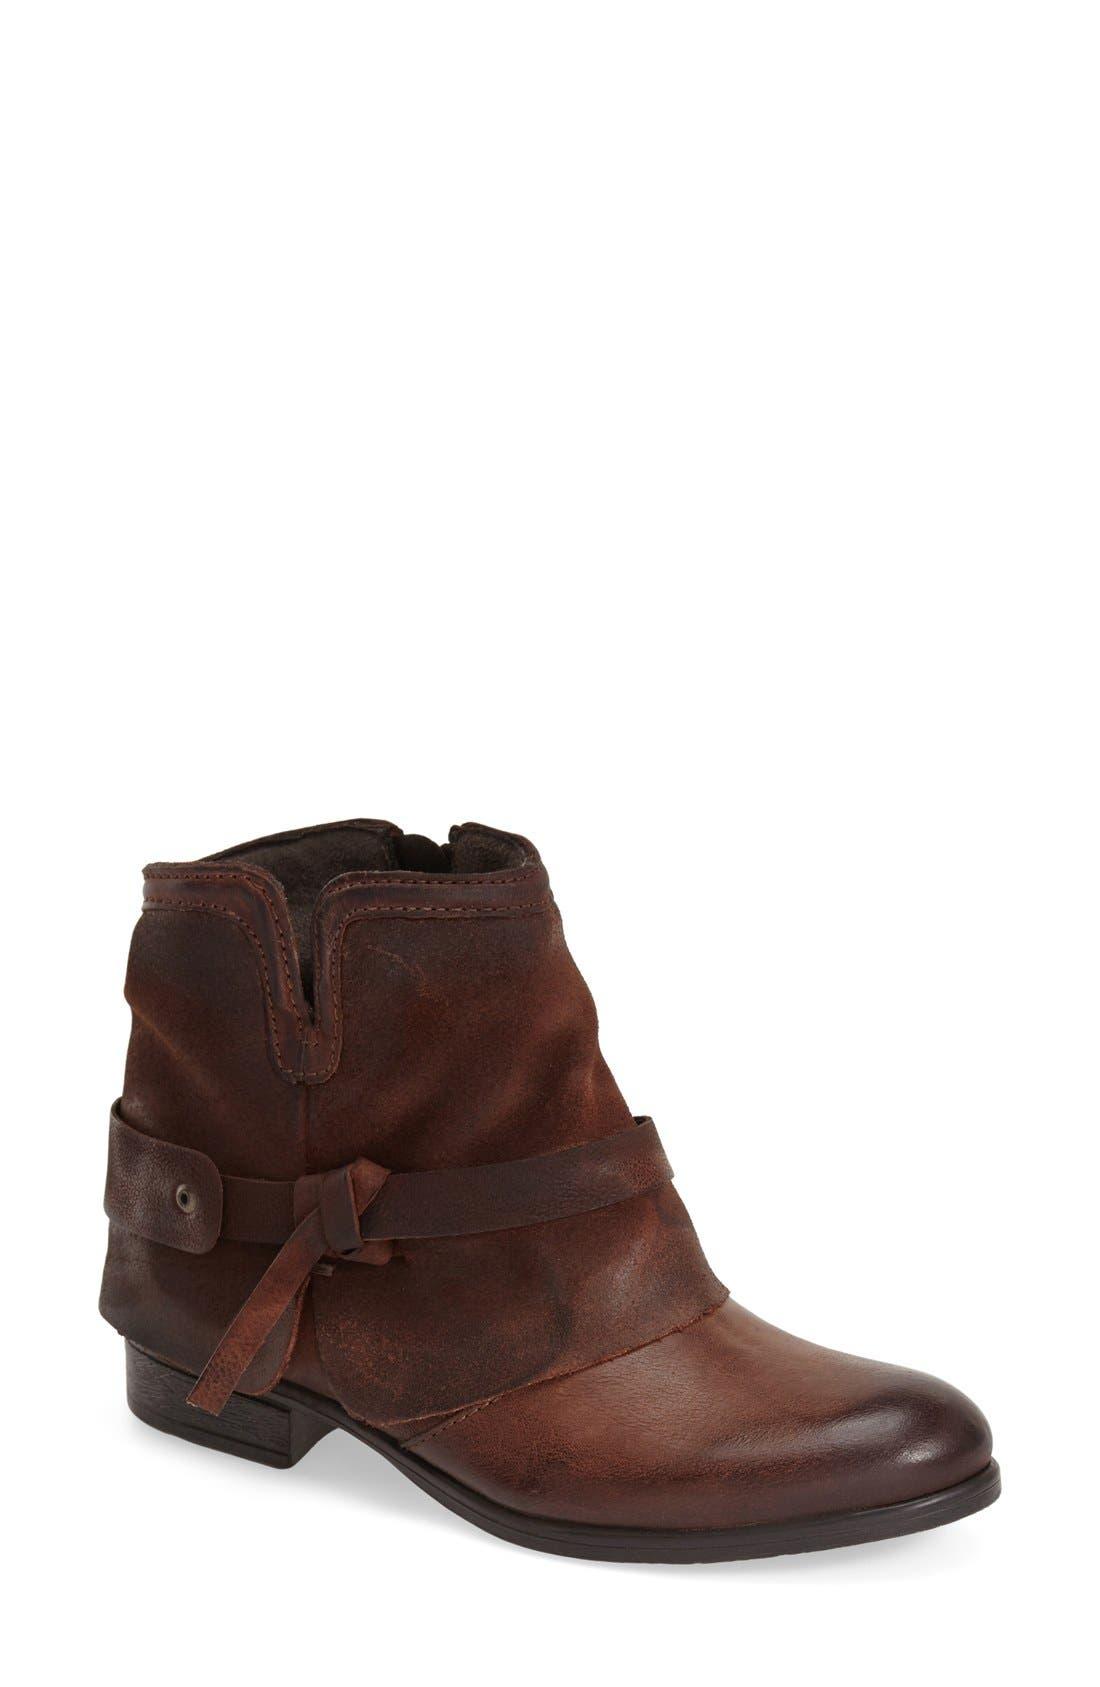 Main Image - Miz Mooz 'Seymour' Boot (Women)